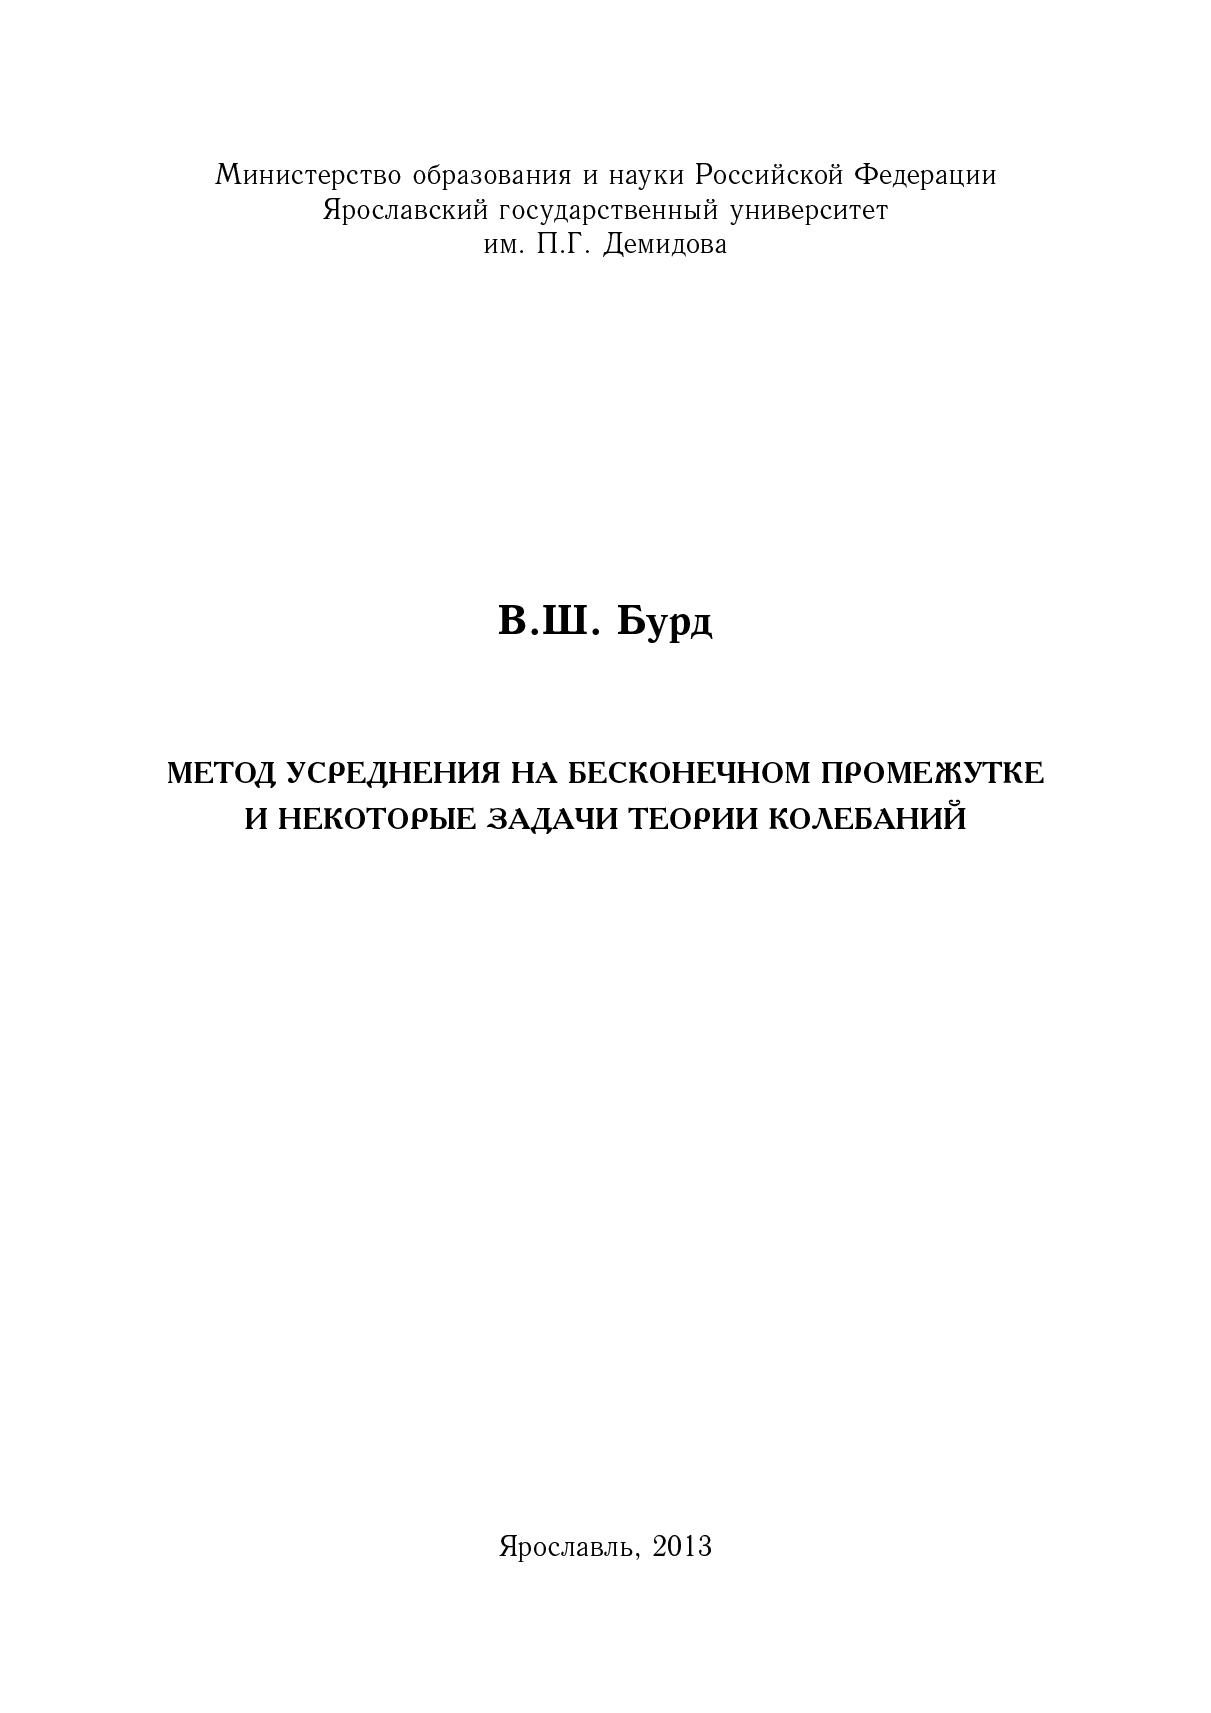 В. Ш. Бурд Метод усреднения на бесконечном промежутке и некоторые задачи теории колебаний л и мандельштам лекции по теории колебаний